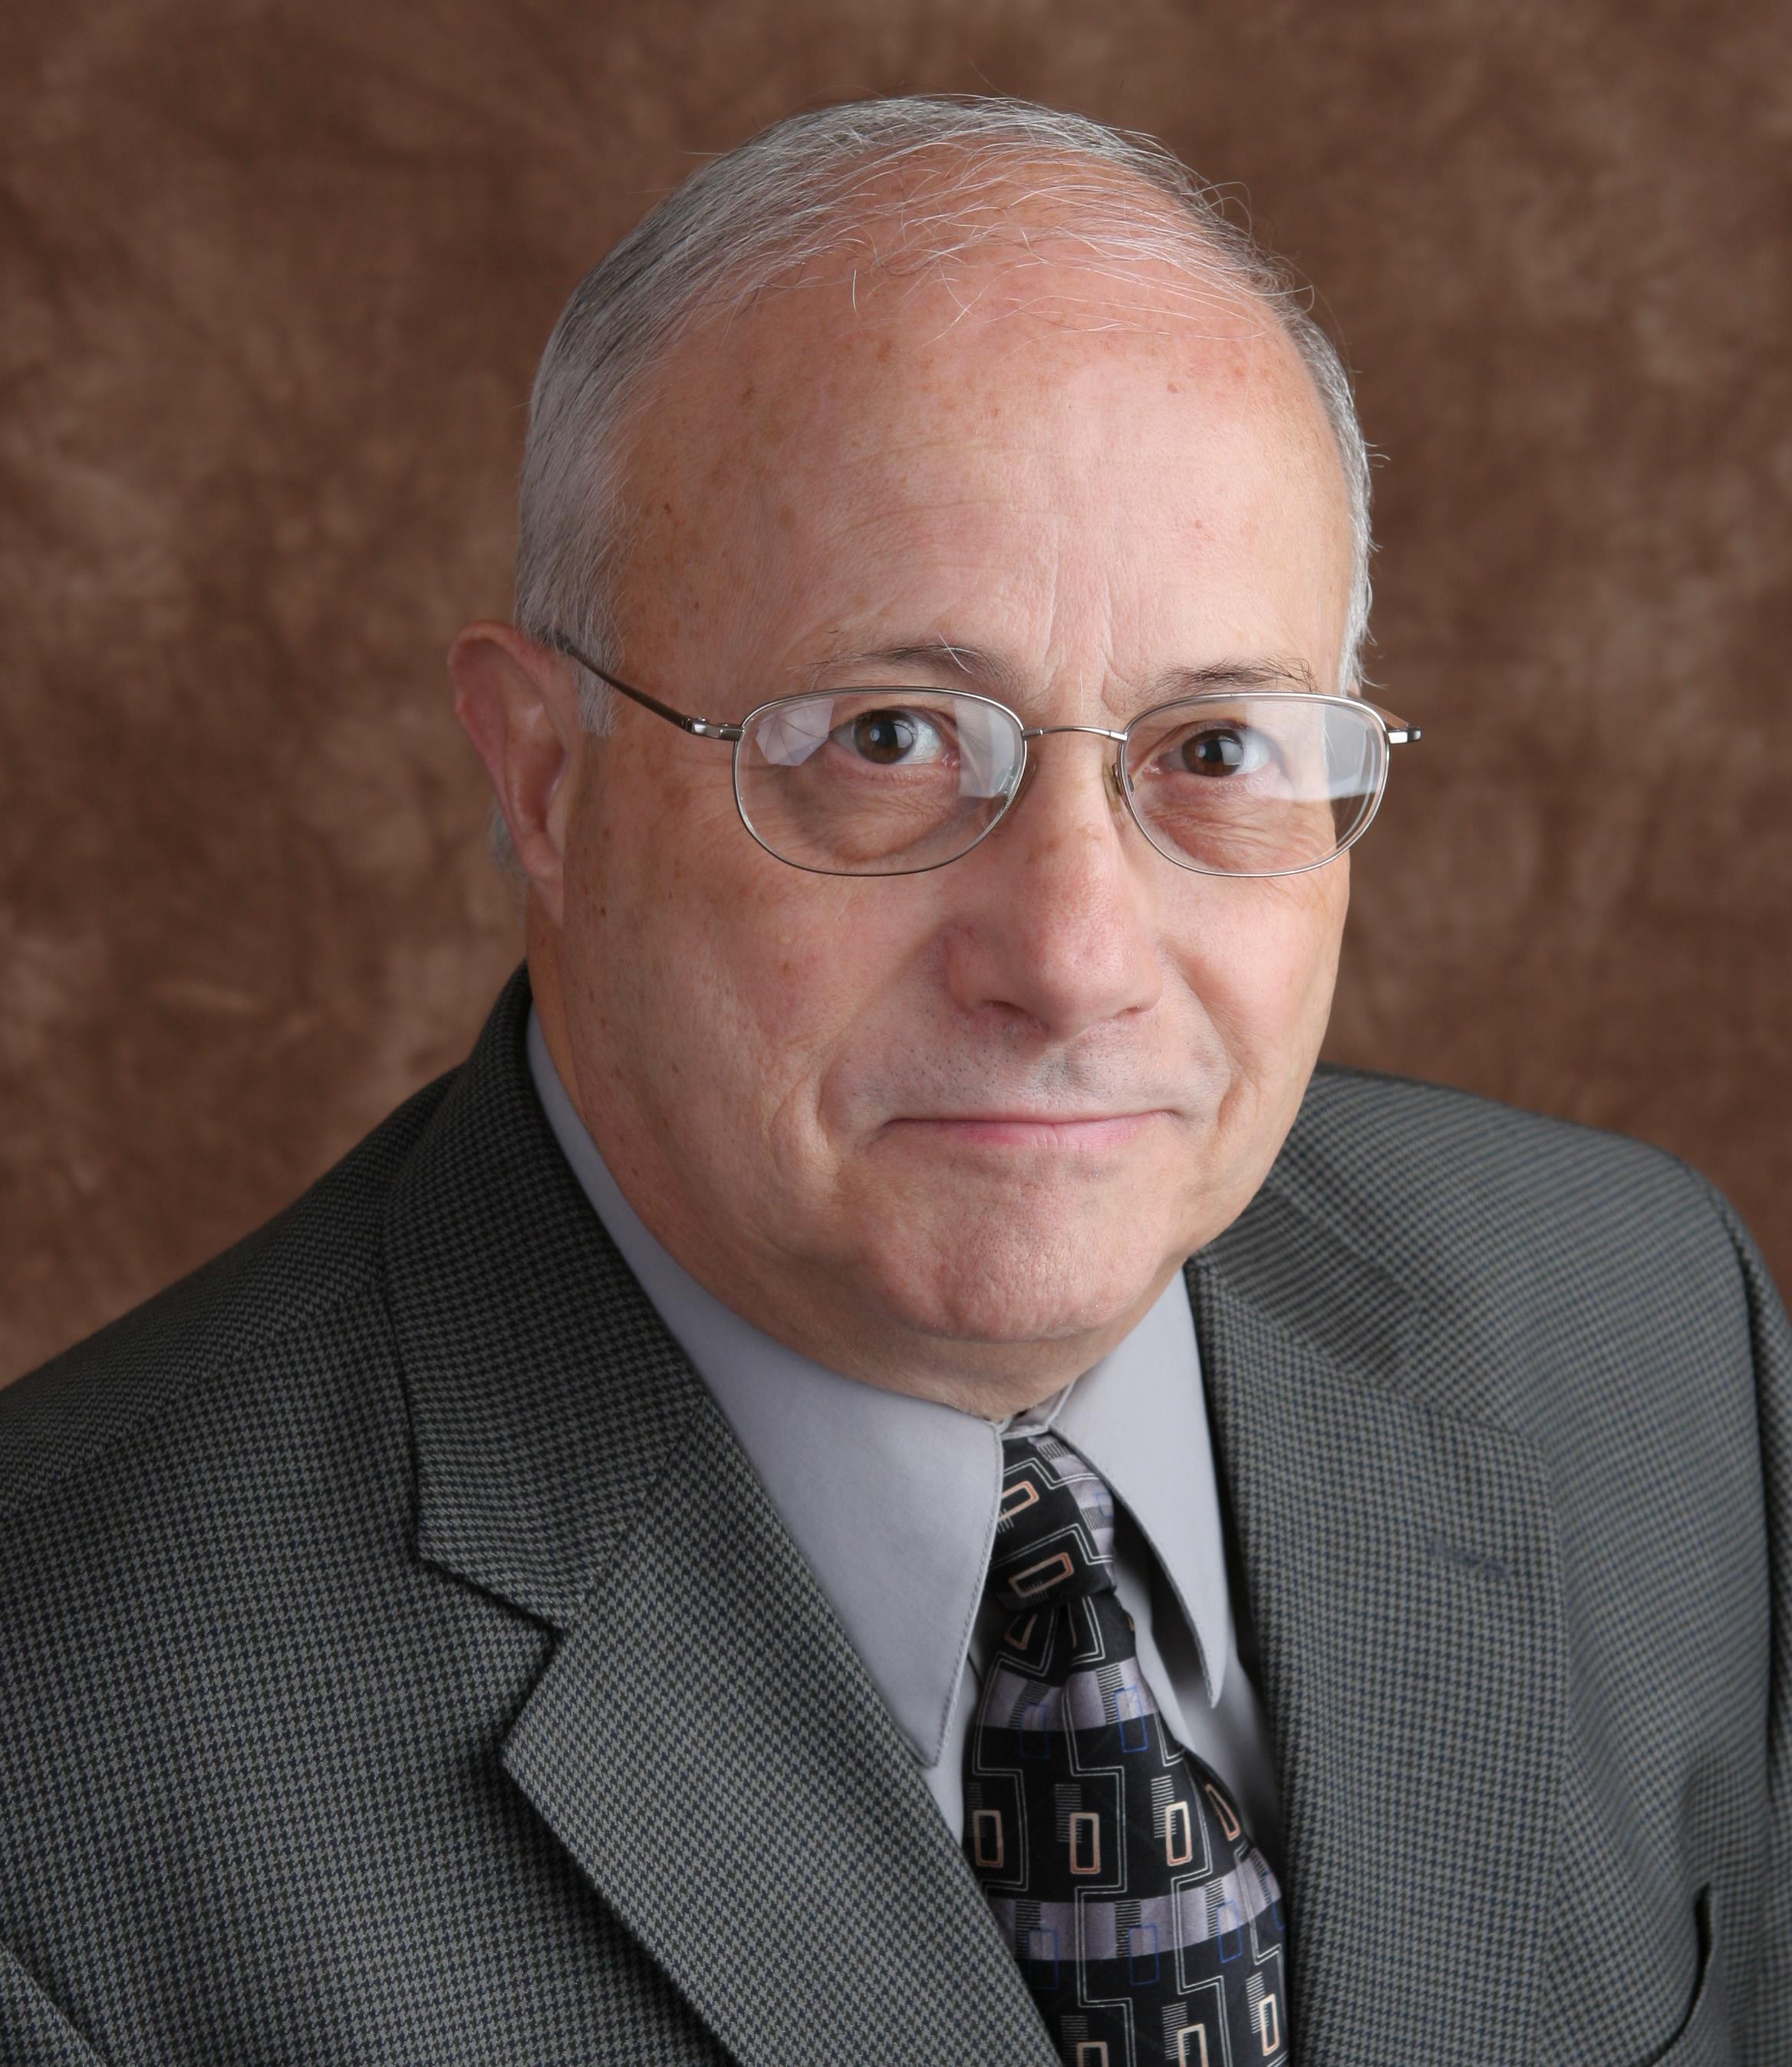 John Gulino